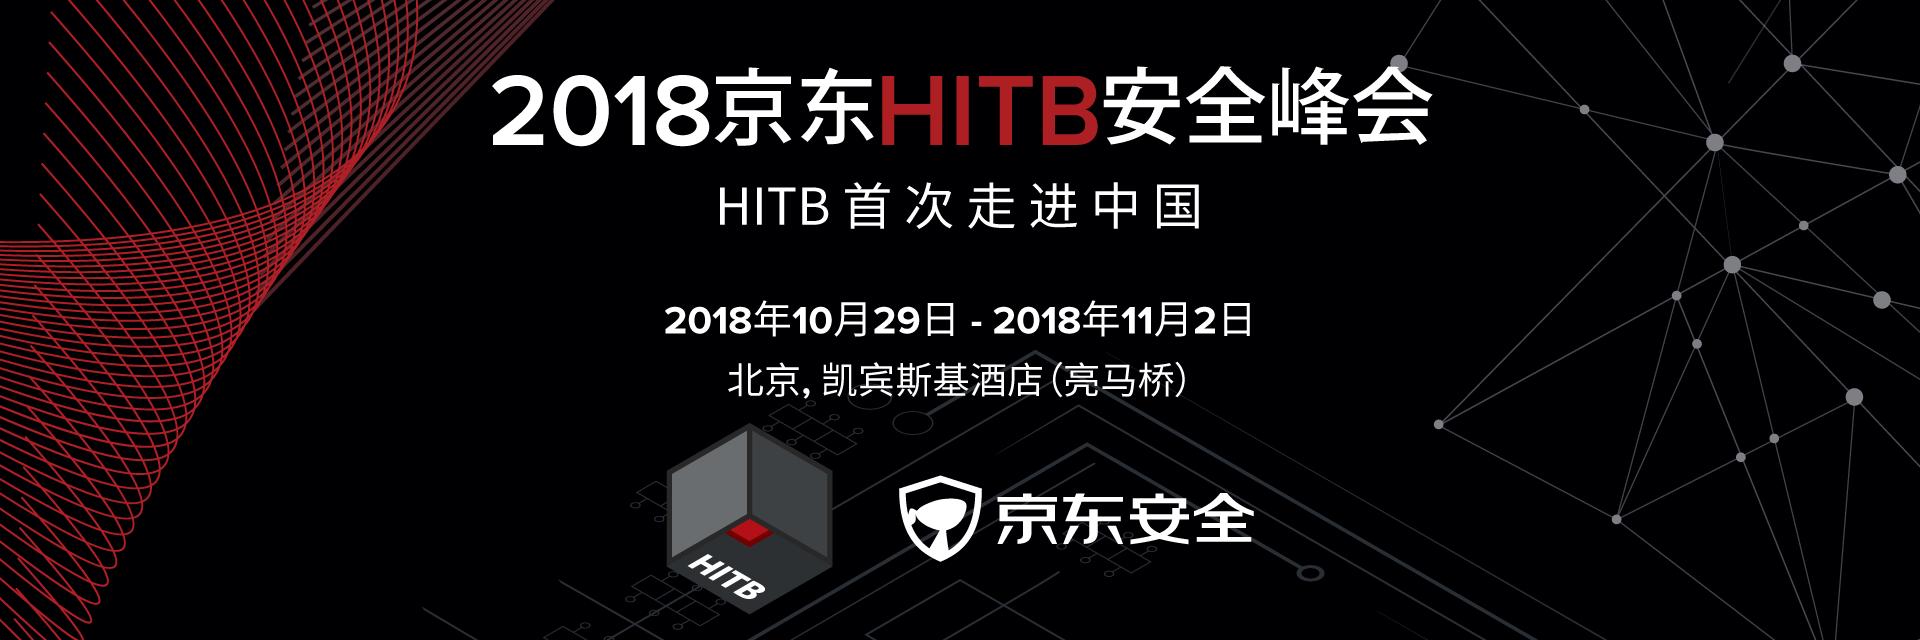 2018京东HITB安全峰会